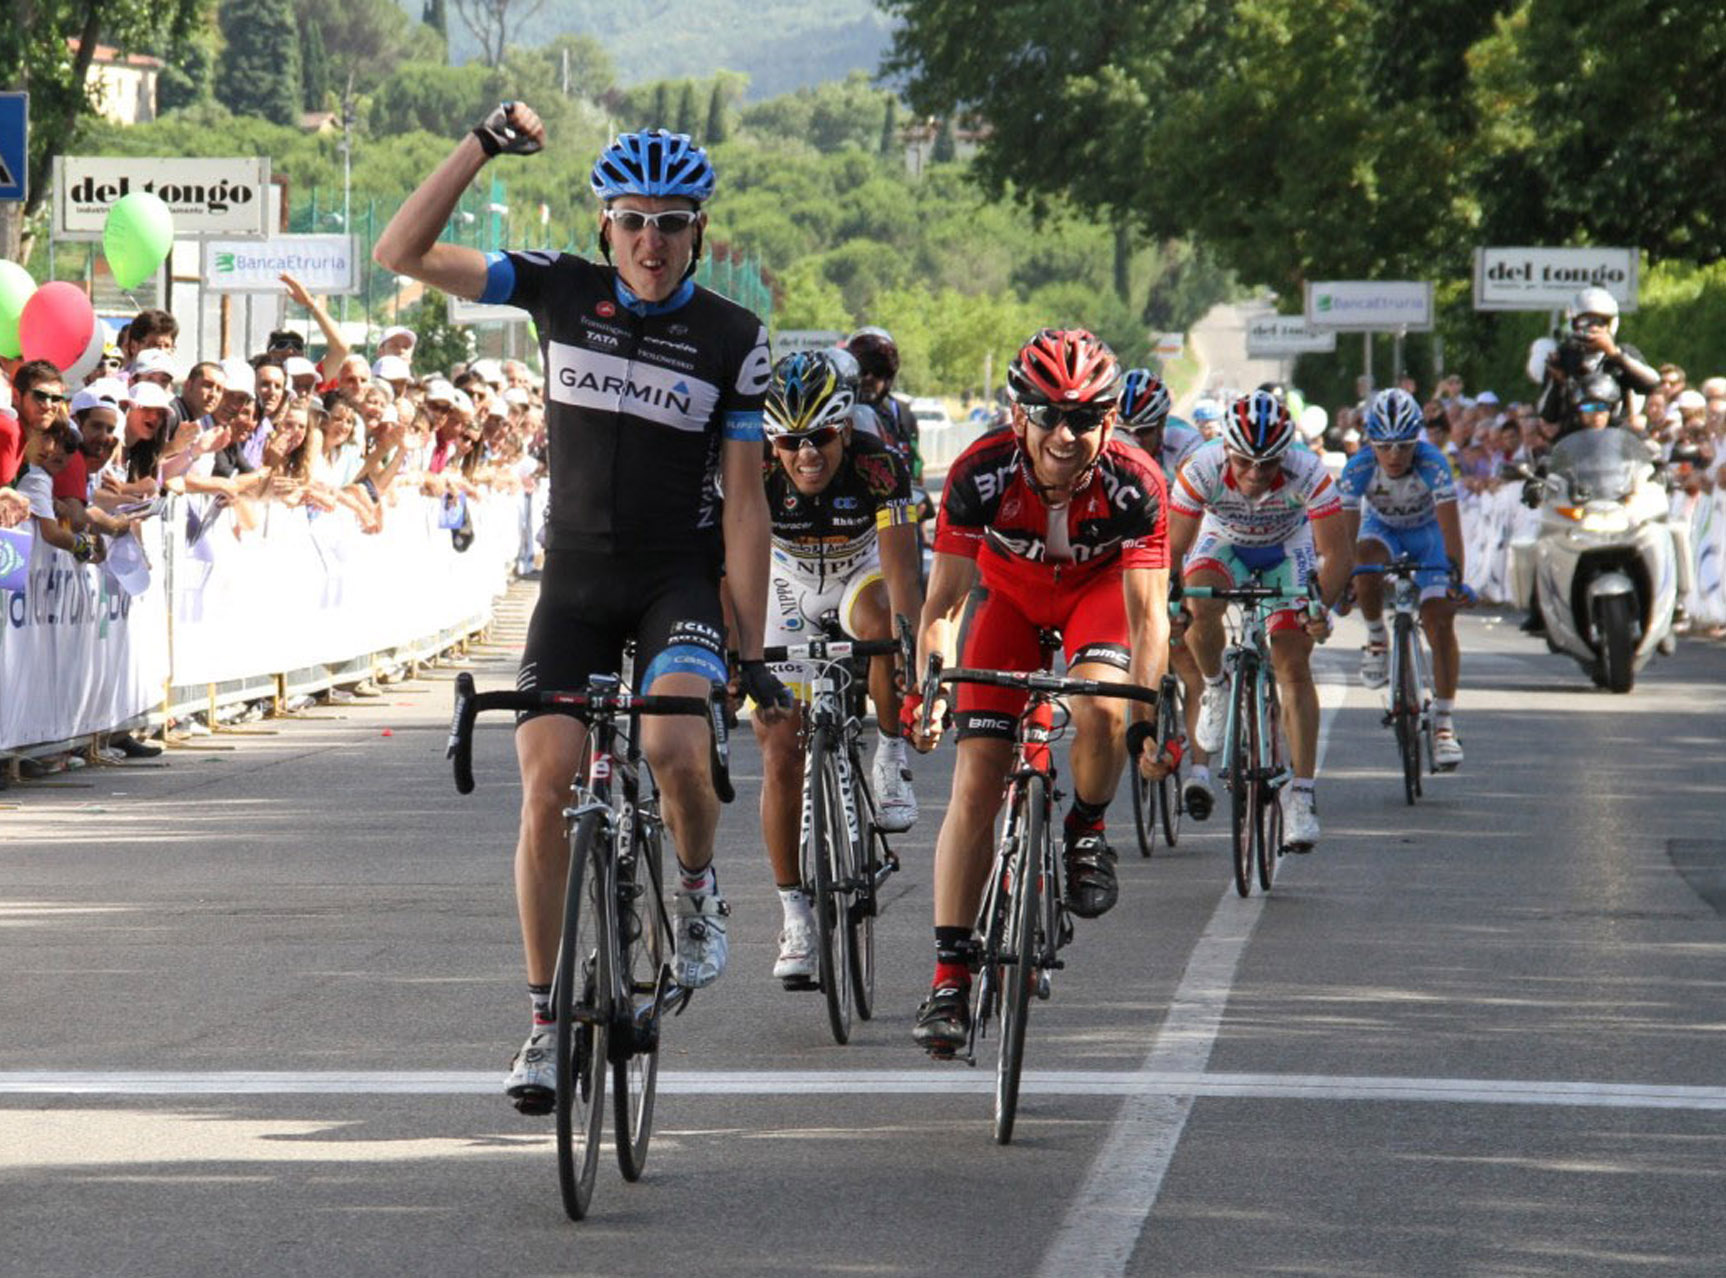 Daniel Martin wins Giro della Toscana 2011